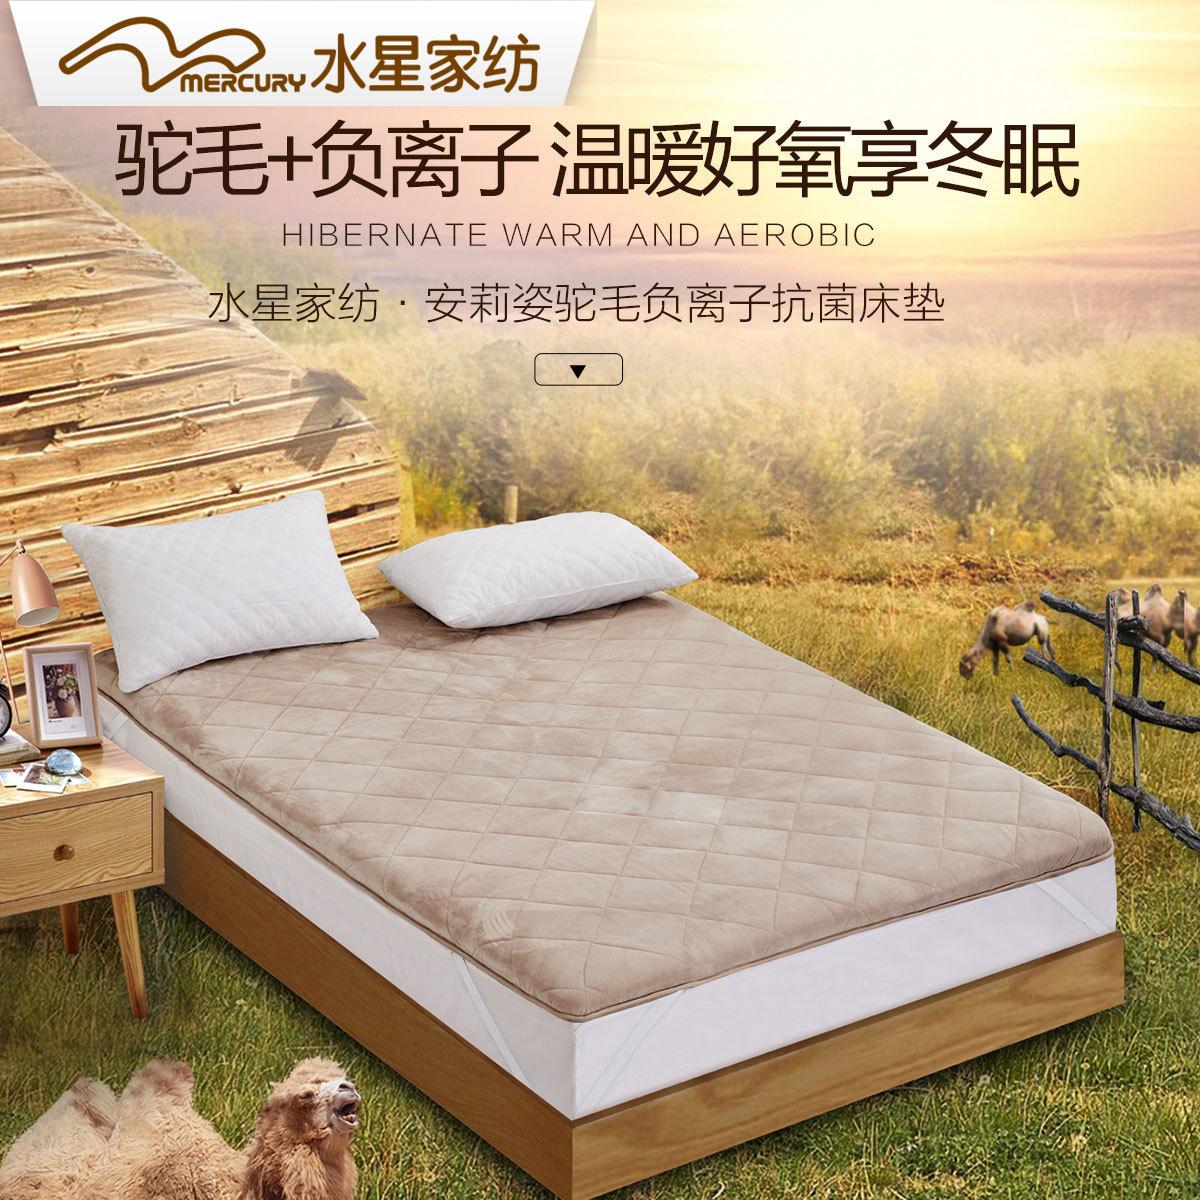 水星家纺正品加厚床垫双人驼毛驼绒负离子床褥子毛绒保暖榻榻米垫